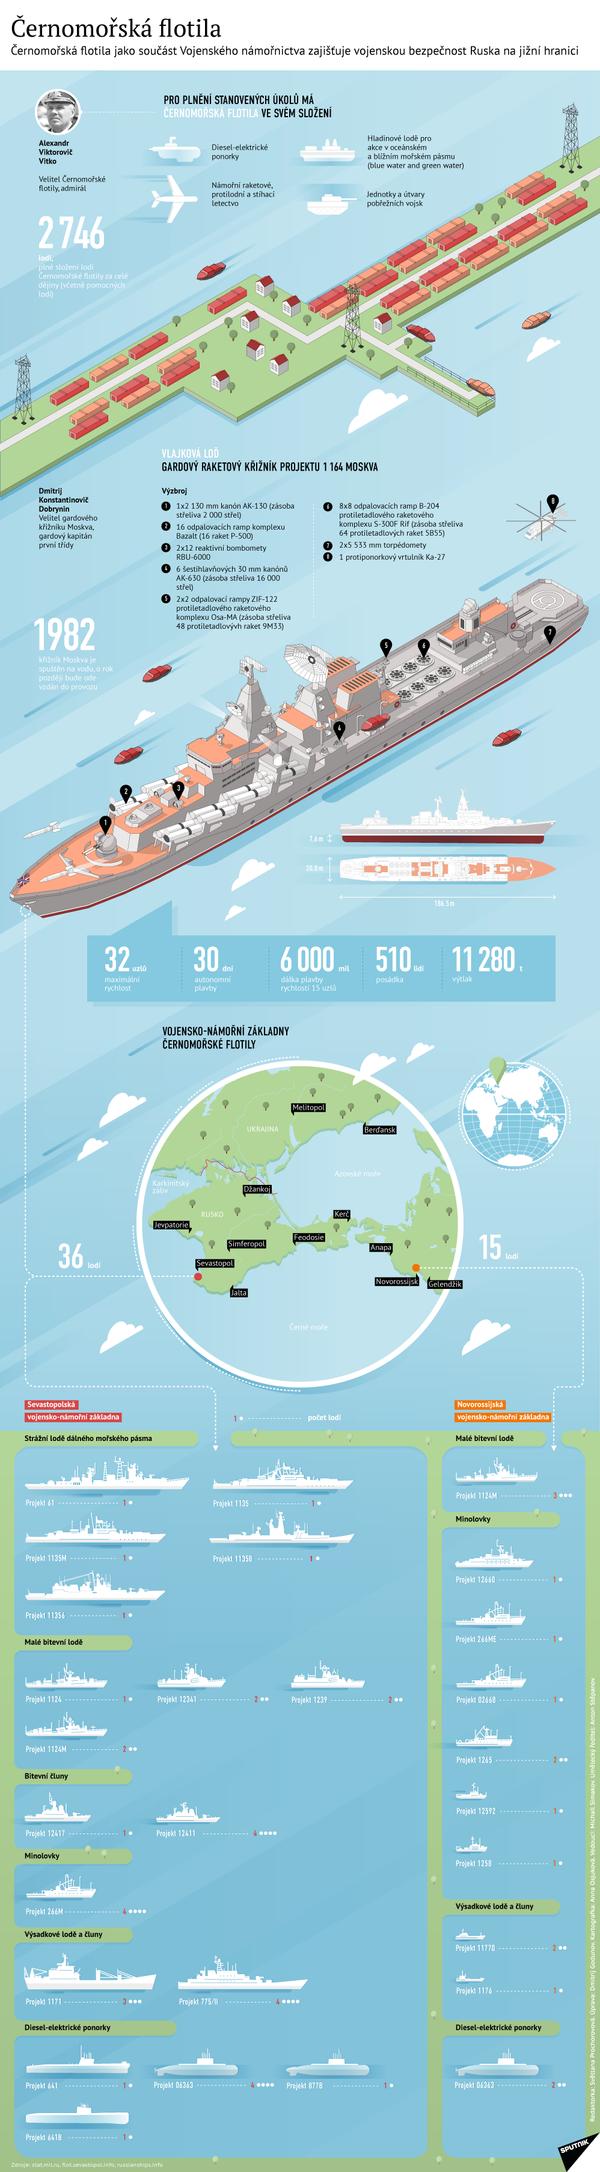 Černomořská flotila - Sputnik Česká republika